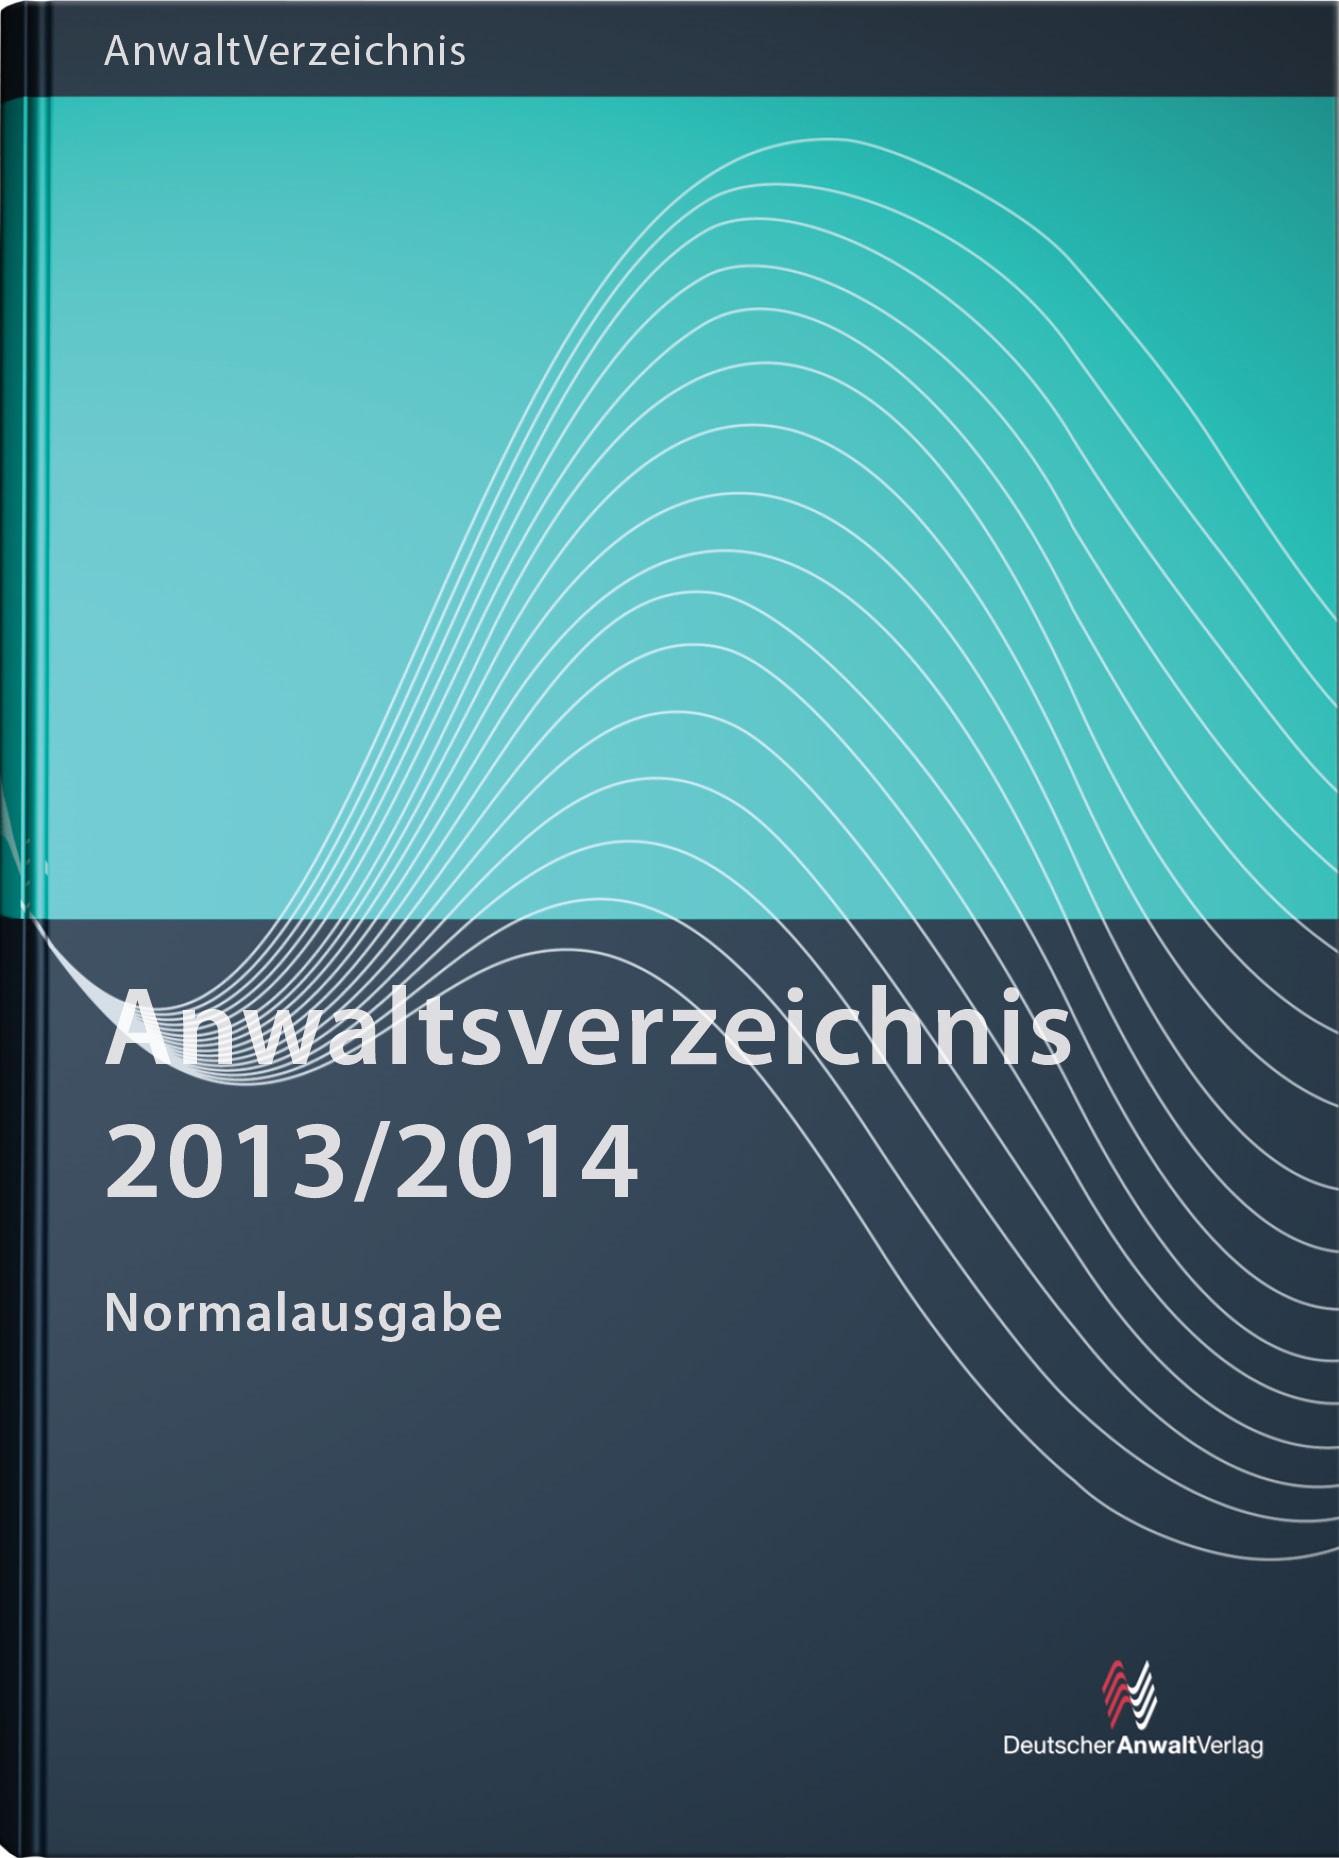 Anwaltsverzeichnis 2013/2014 Normalausgabe, 2013 | Buch (Cover)